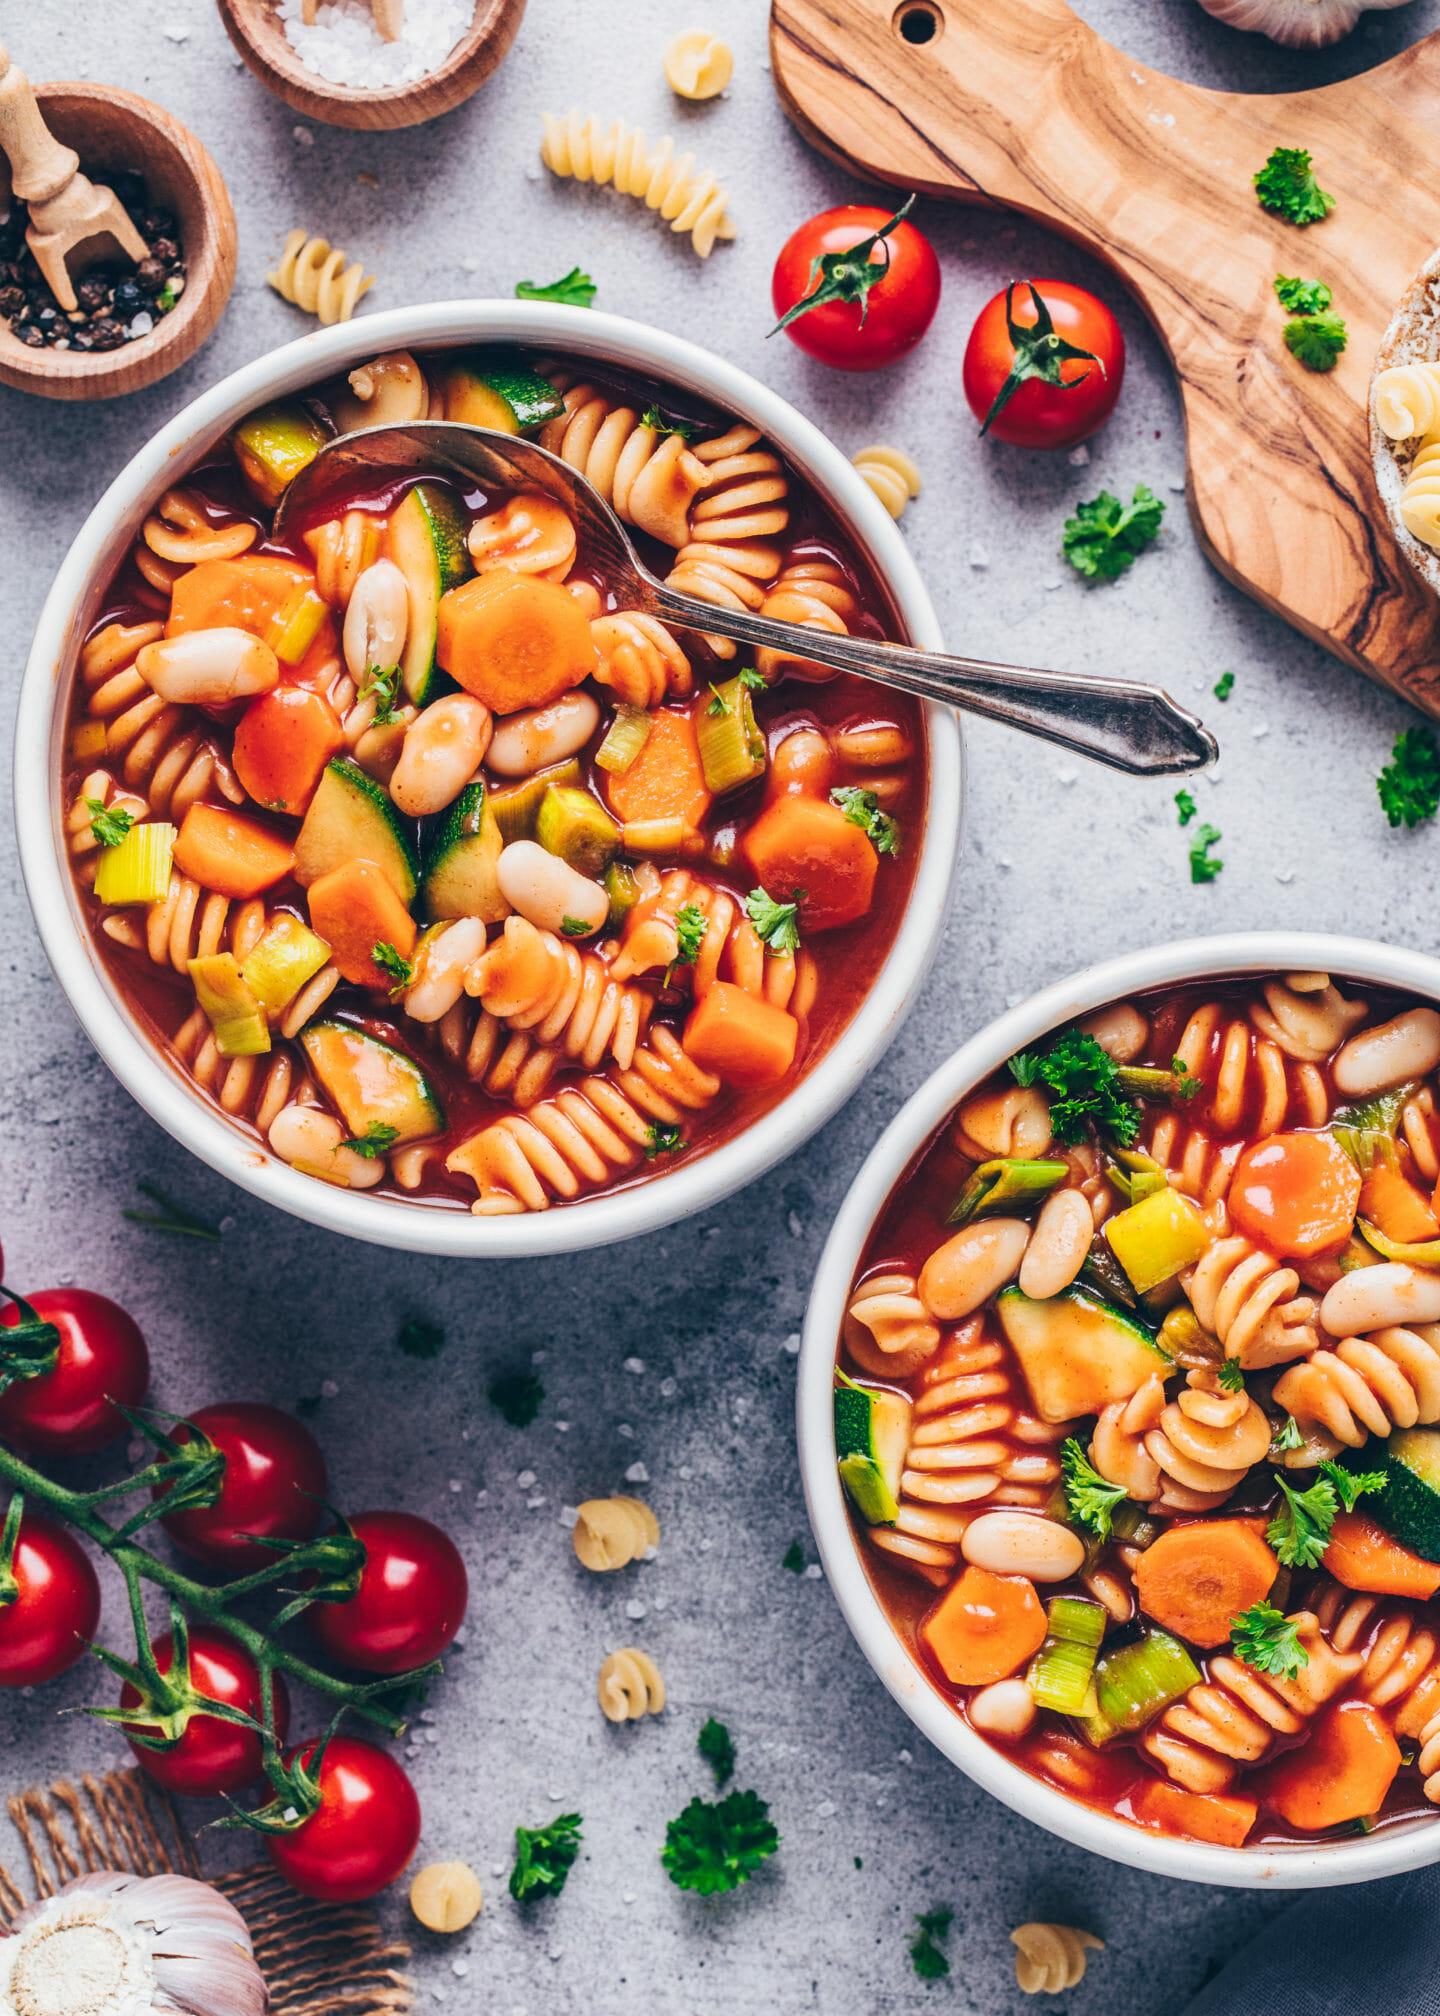 Italienische Minestrone Gemüse-Suppe mit Nudeln